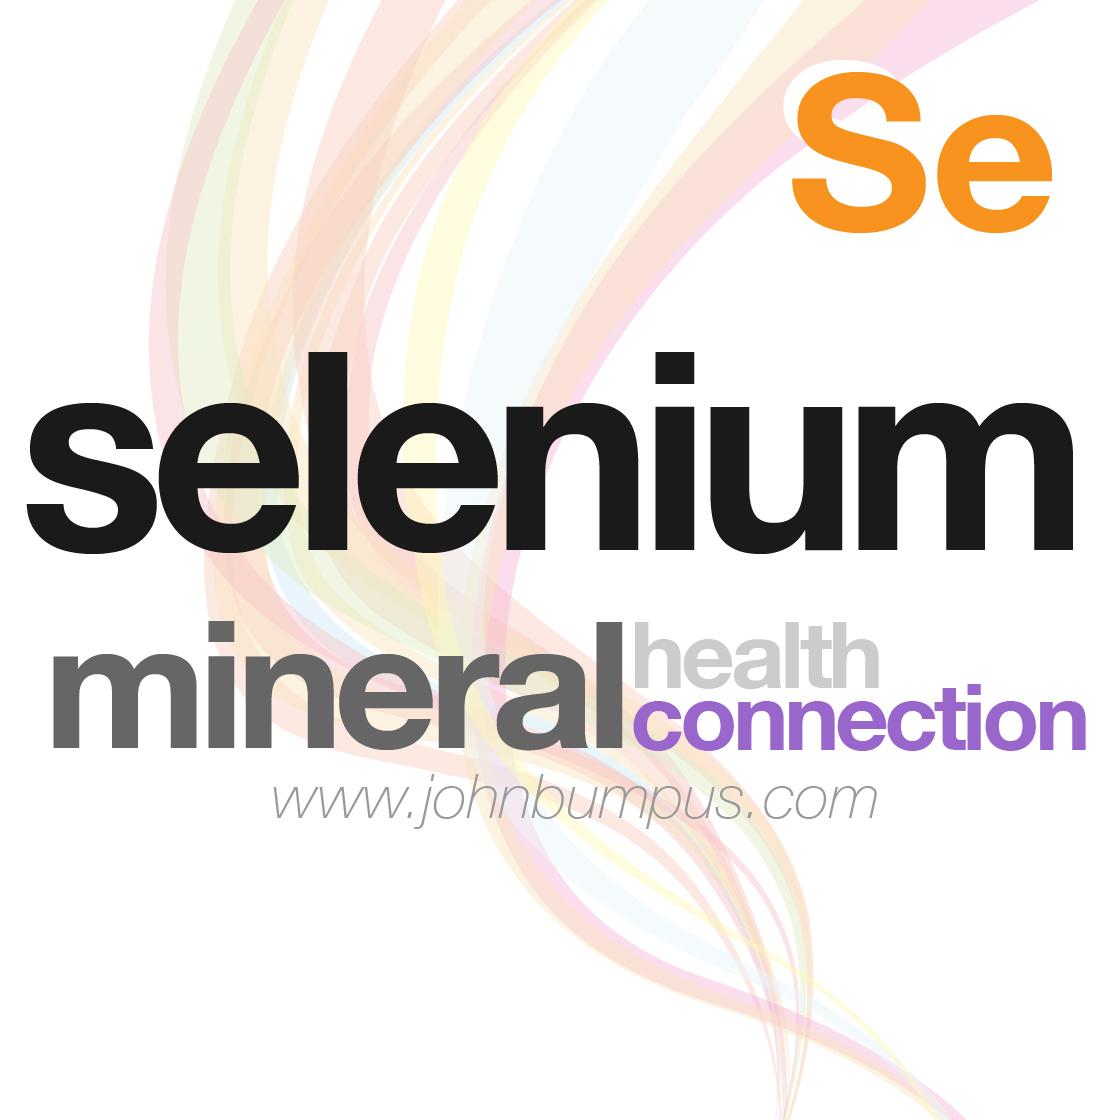 JB_MineralHealth_Selenium.jpg